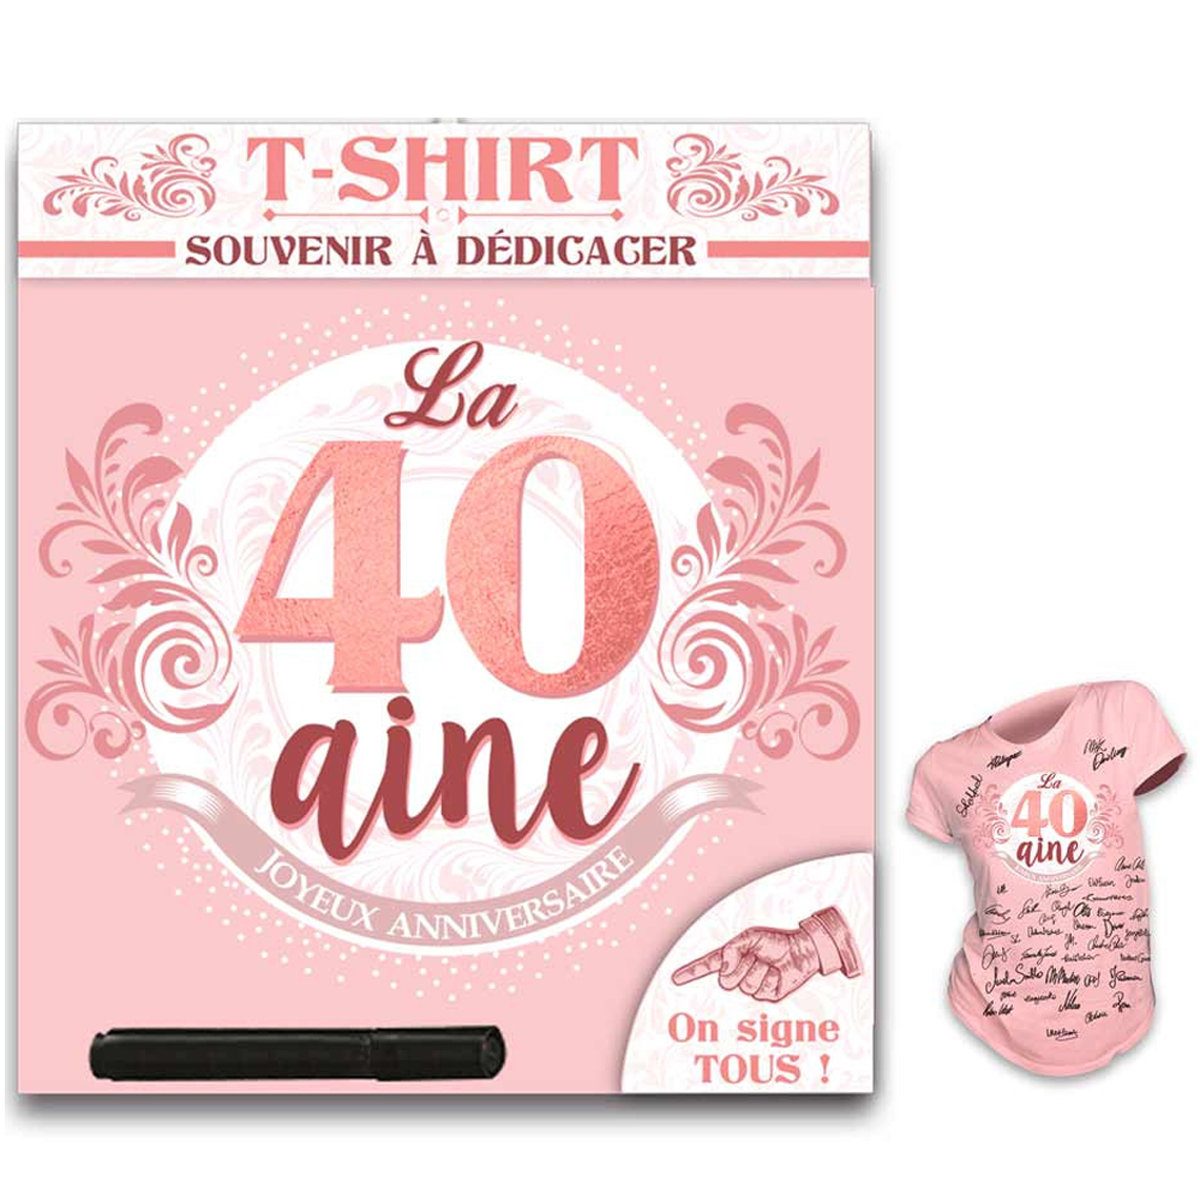 T-shirt \'40 aine\' rose blanc - (dédicace) - [R1417]